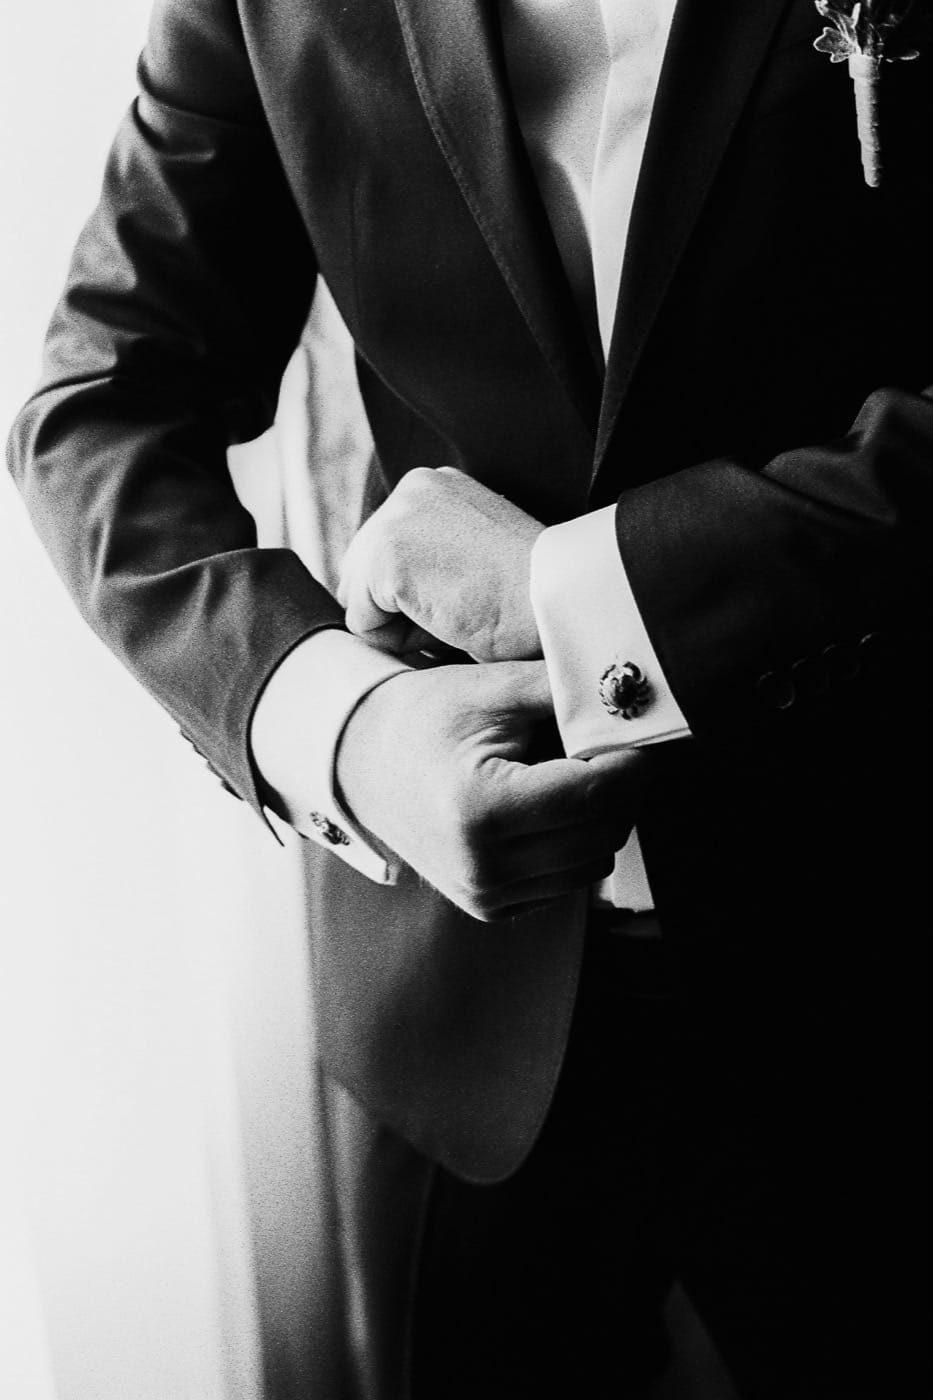 maciej sobol fotograf slubny krakow fotografia slubna na kliszy analogowe zdjecia slubne Maciej Sobol Brzesko Małopolska Kraków fotograf 77 933x1400 - Gosia & Kuba - Analogowo - [Pałac Goetz, Brzesko]